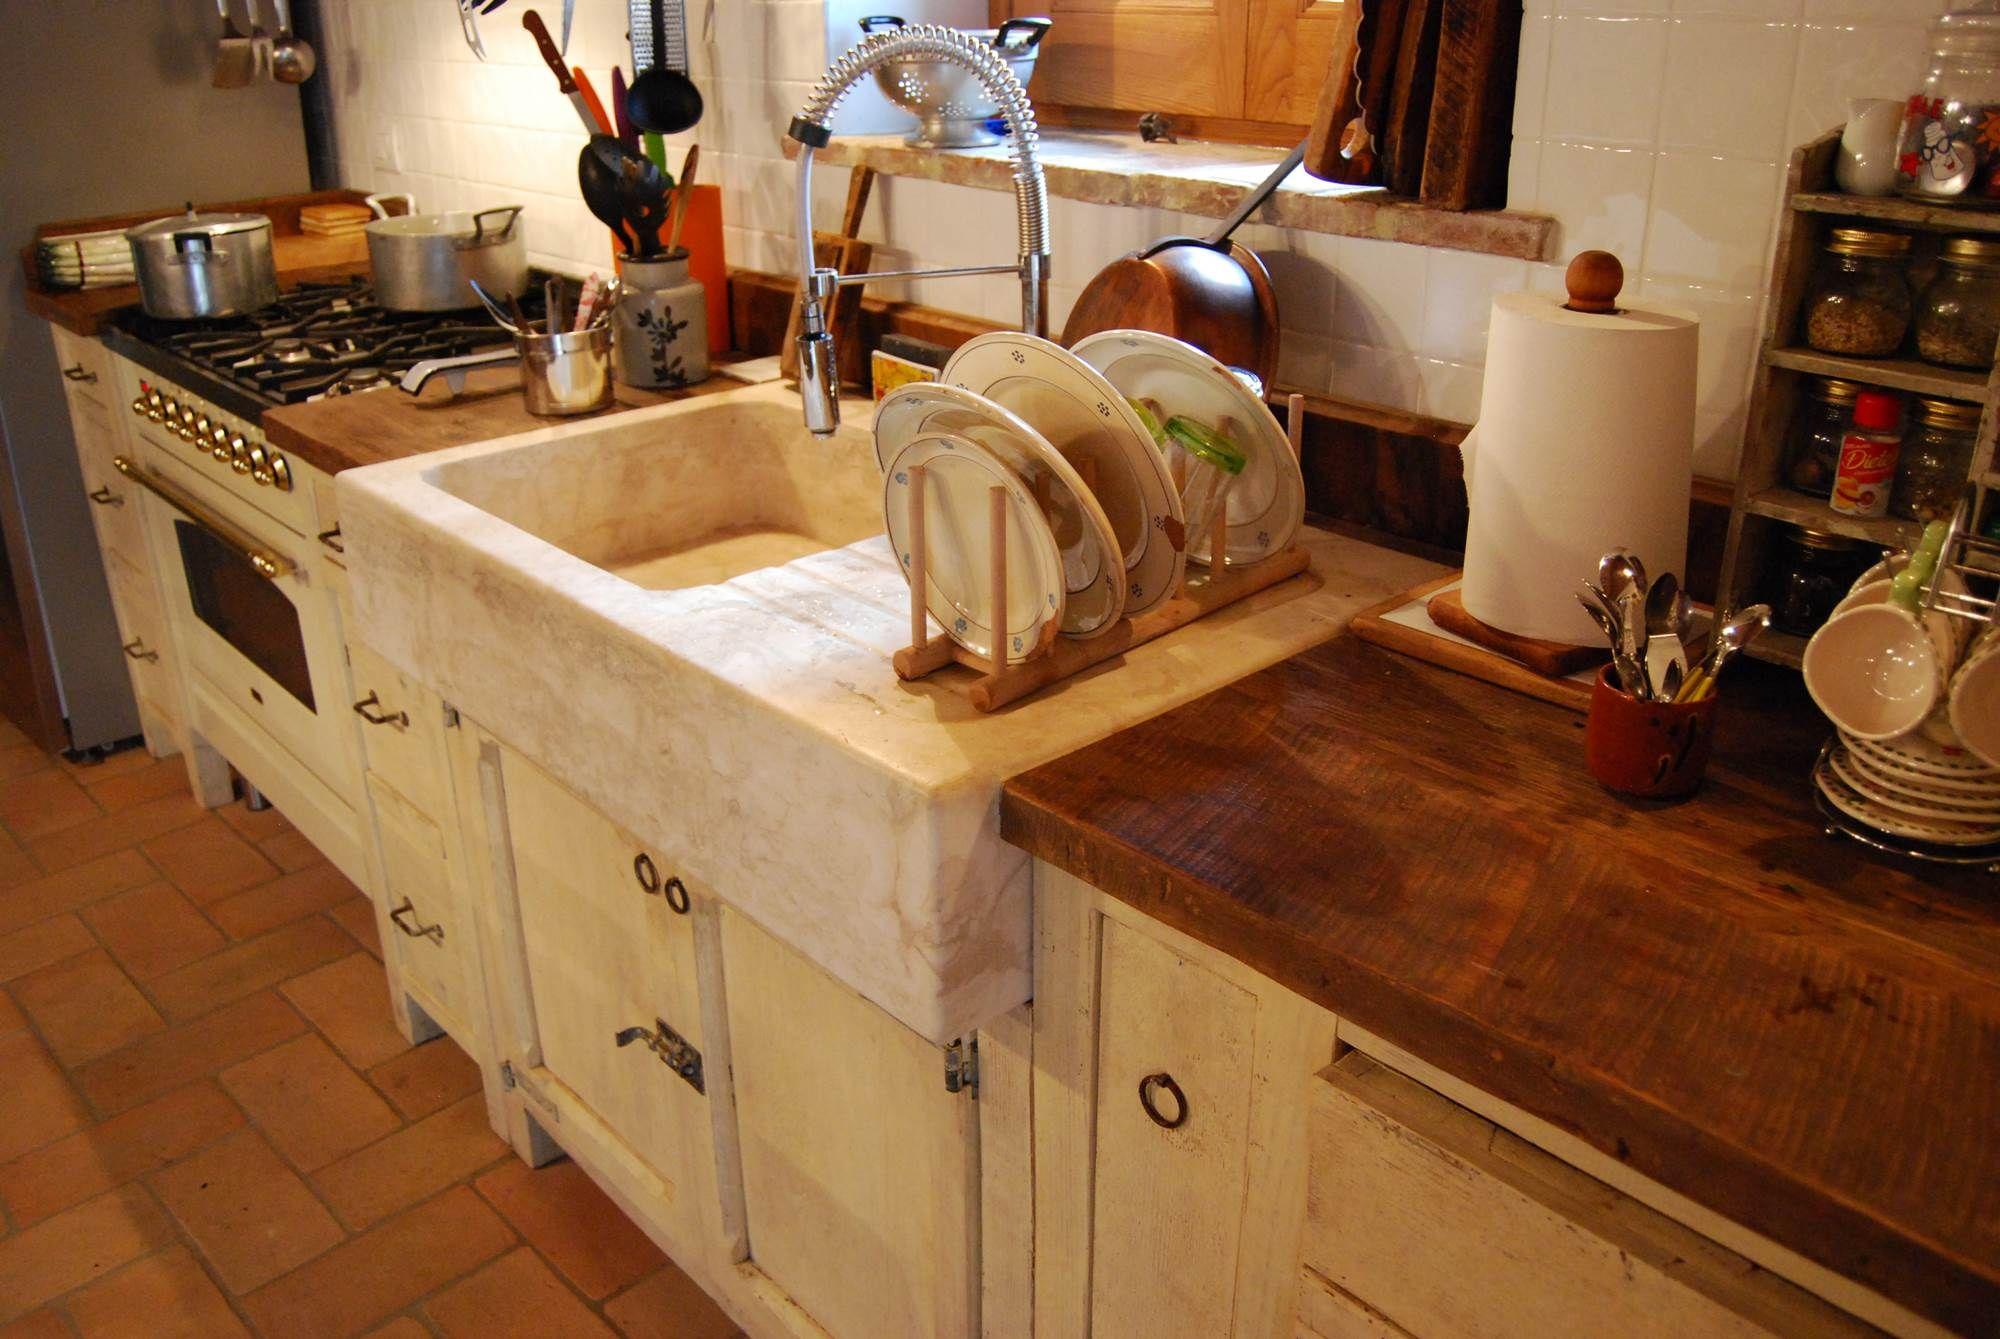 Cucine Stile Country Provenzale.Lavandini Da Cucina Stile Country Con Cucina Provenzale Decapata La